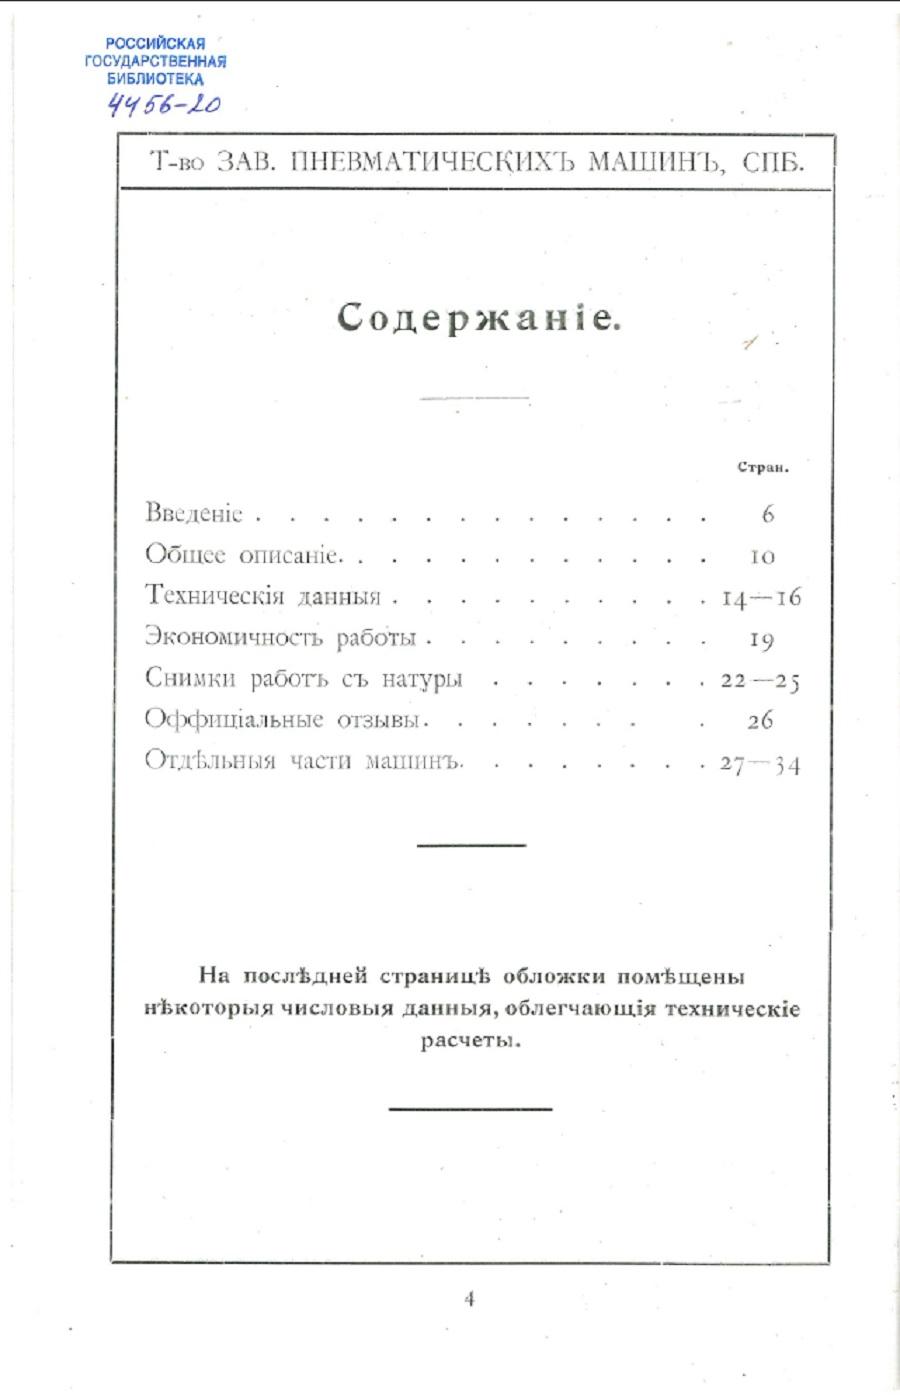 Каталог №11 Товарищества завода пневматических машин. стр 4